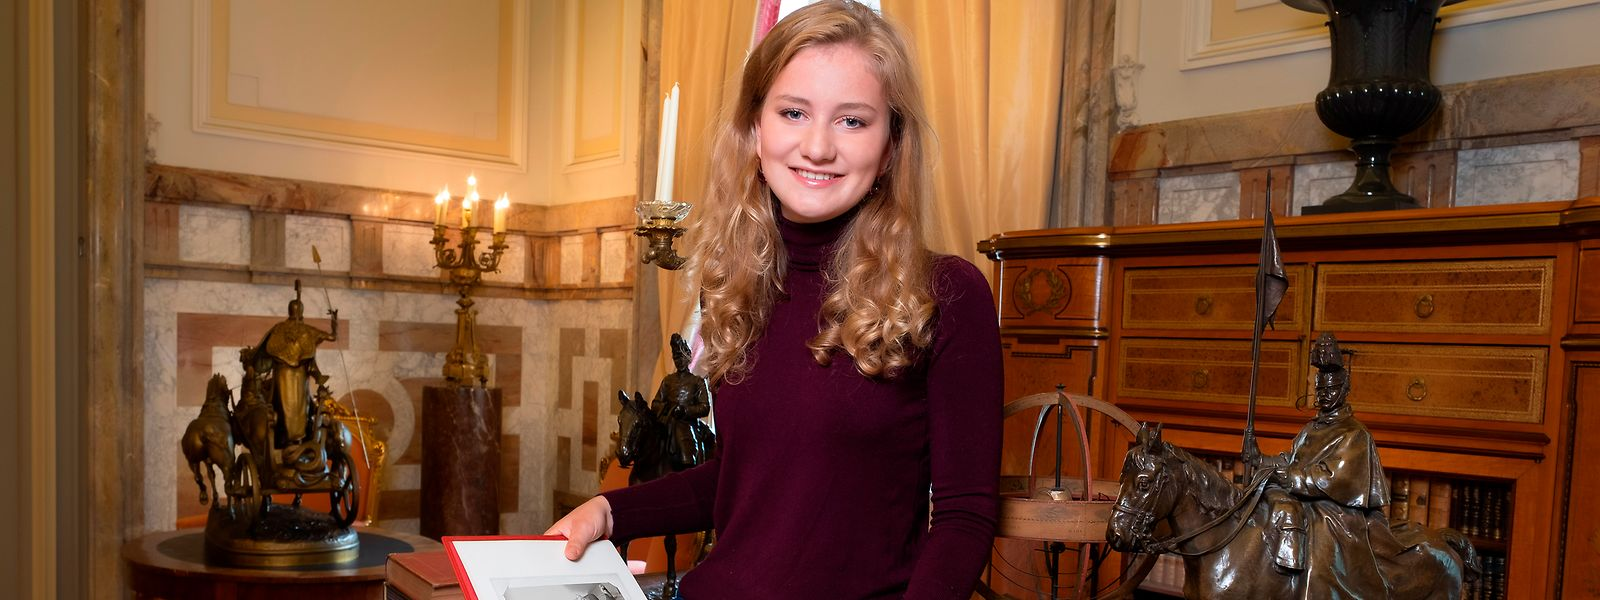 Die belgische Prinzessin Elisabeth lebt im Ausland - und verzückt doch ganz Belgien.